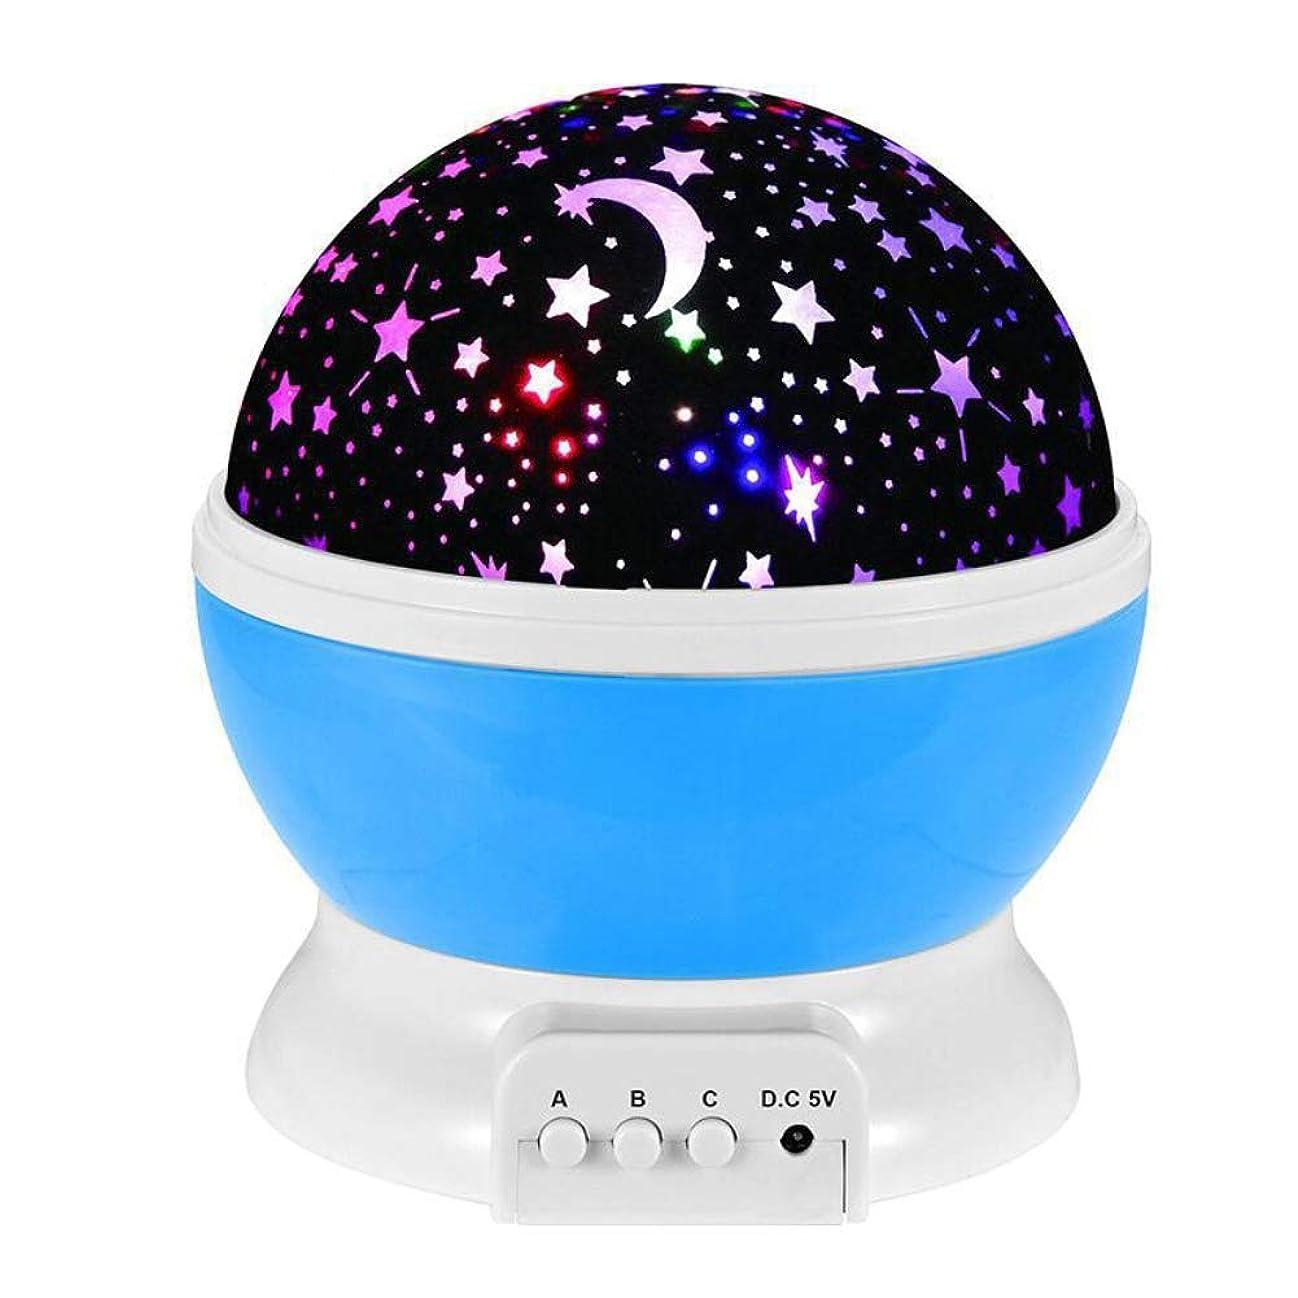 判定集中同情Ochine 子供 星月明かり 回転 LED 星 投影灯 星光 アイデア LED夜灯 壁に近い 星月空宇宙を投影で 卓上ランタン DIY 贈り物 USB電源/乾電池電源